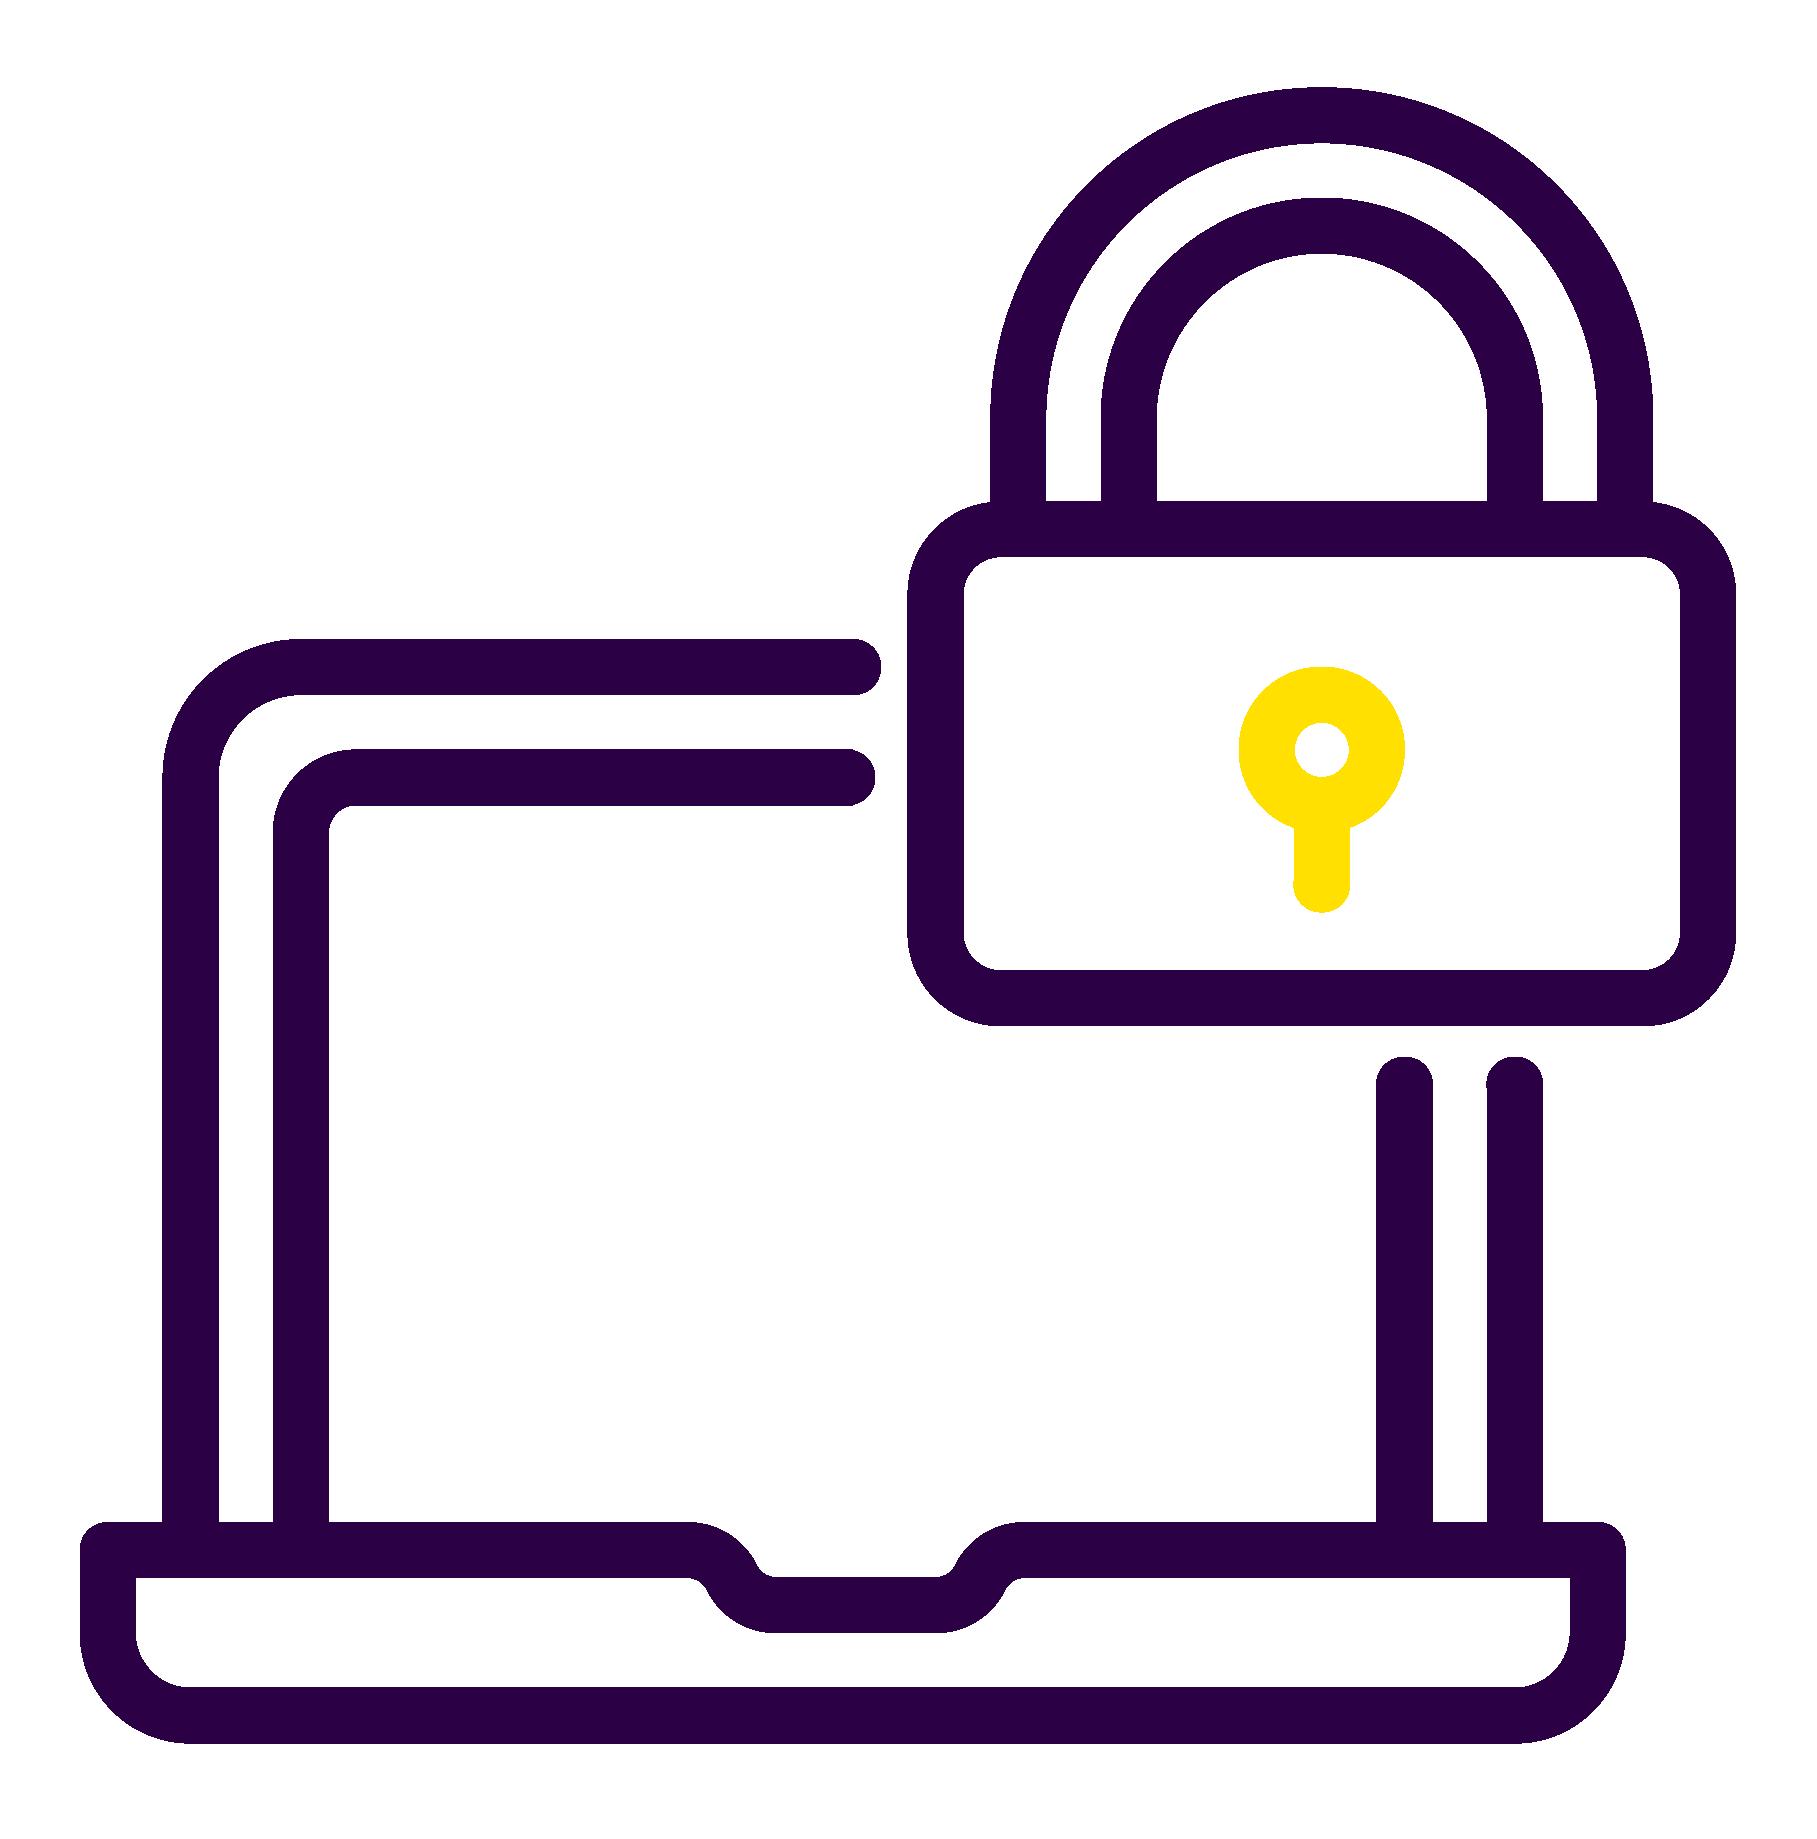 icône cadenas sur un ordinateur représentant un suivi 24h/24